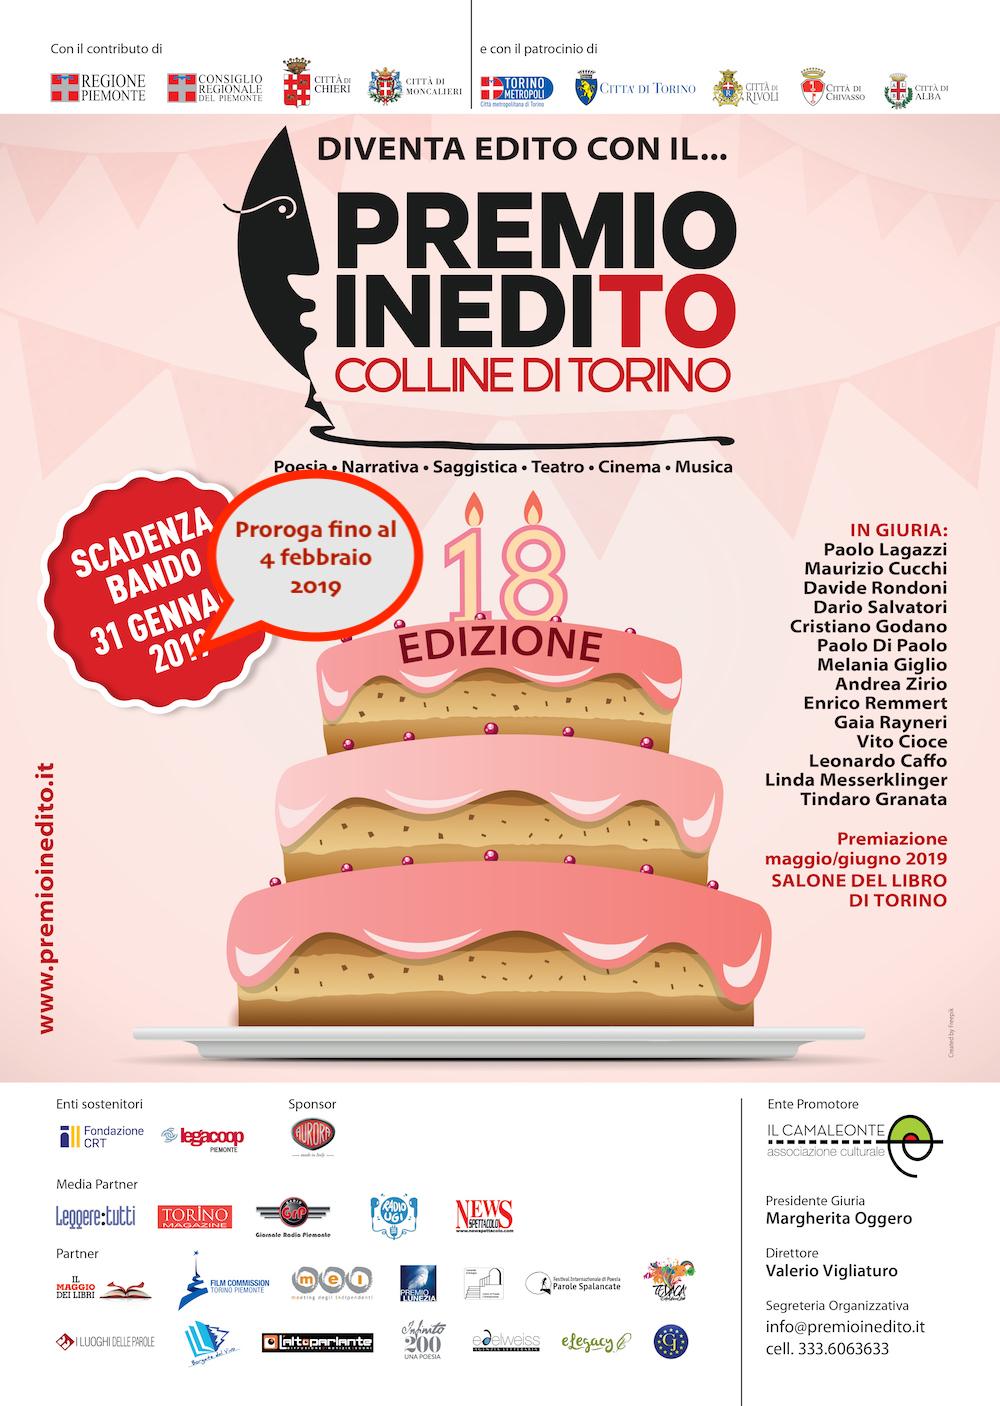 Premio inediTO-Colline di Torino proroga scadenza al 4 febbraio 2019